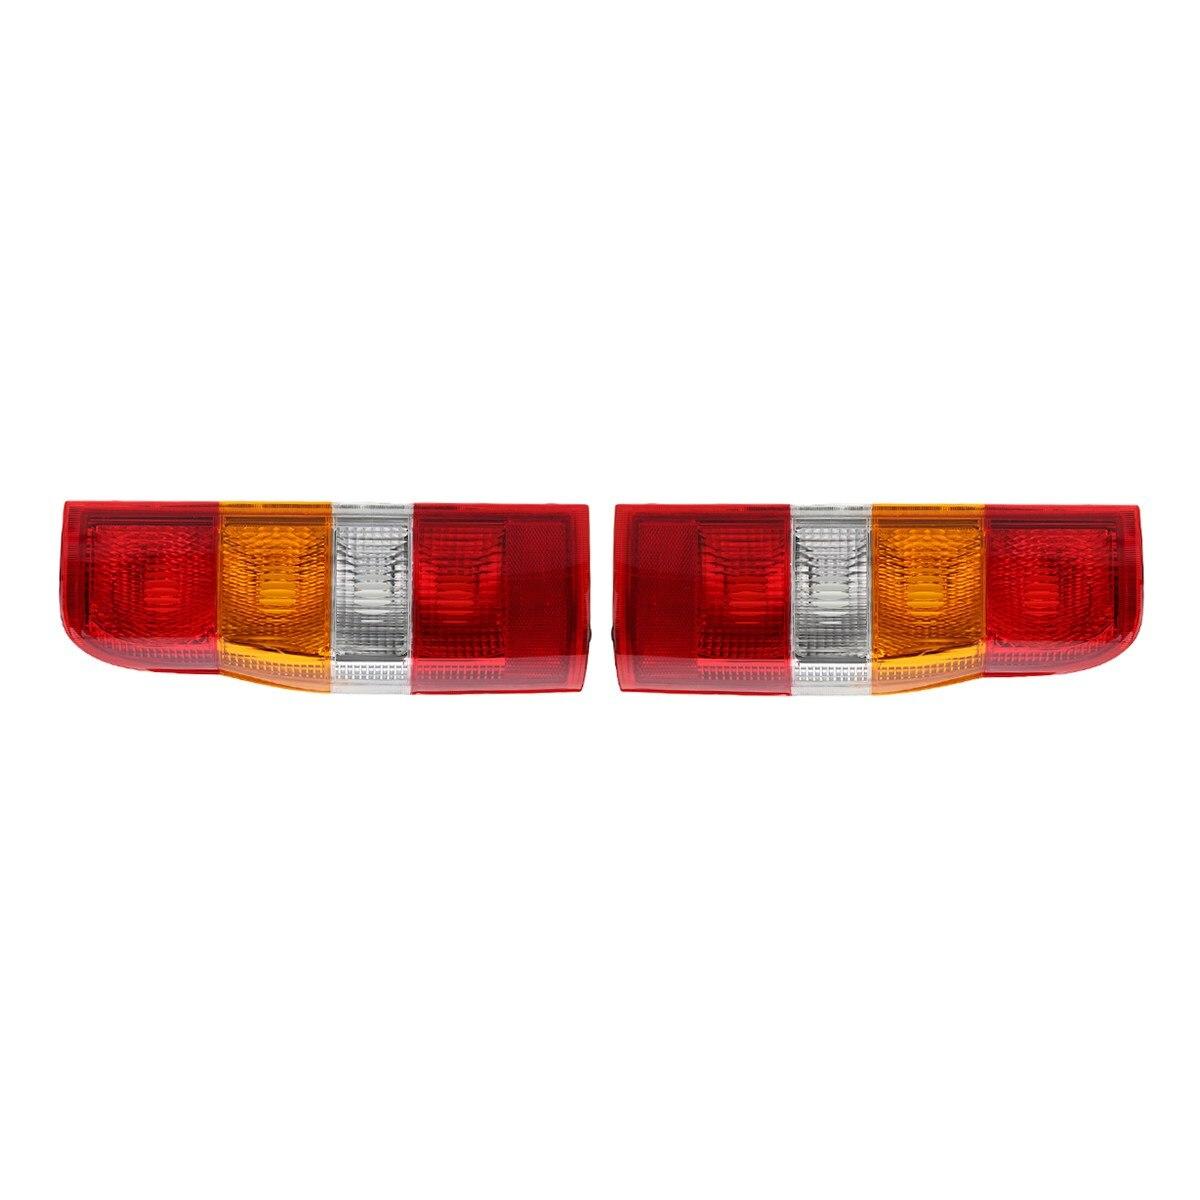 Car Rear Back Tail Light Lamp Lens Right /Left Side For Ford Transit MK6 2000-2006 Panel Van 2VP354037011